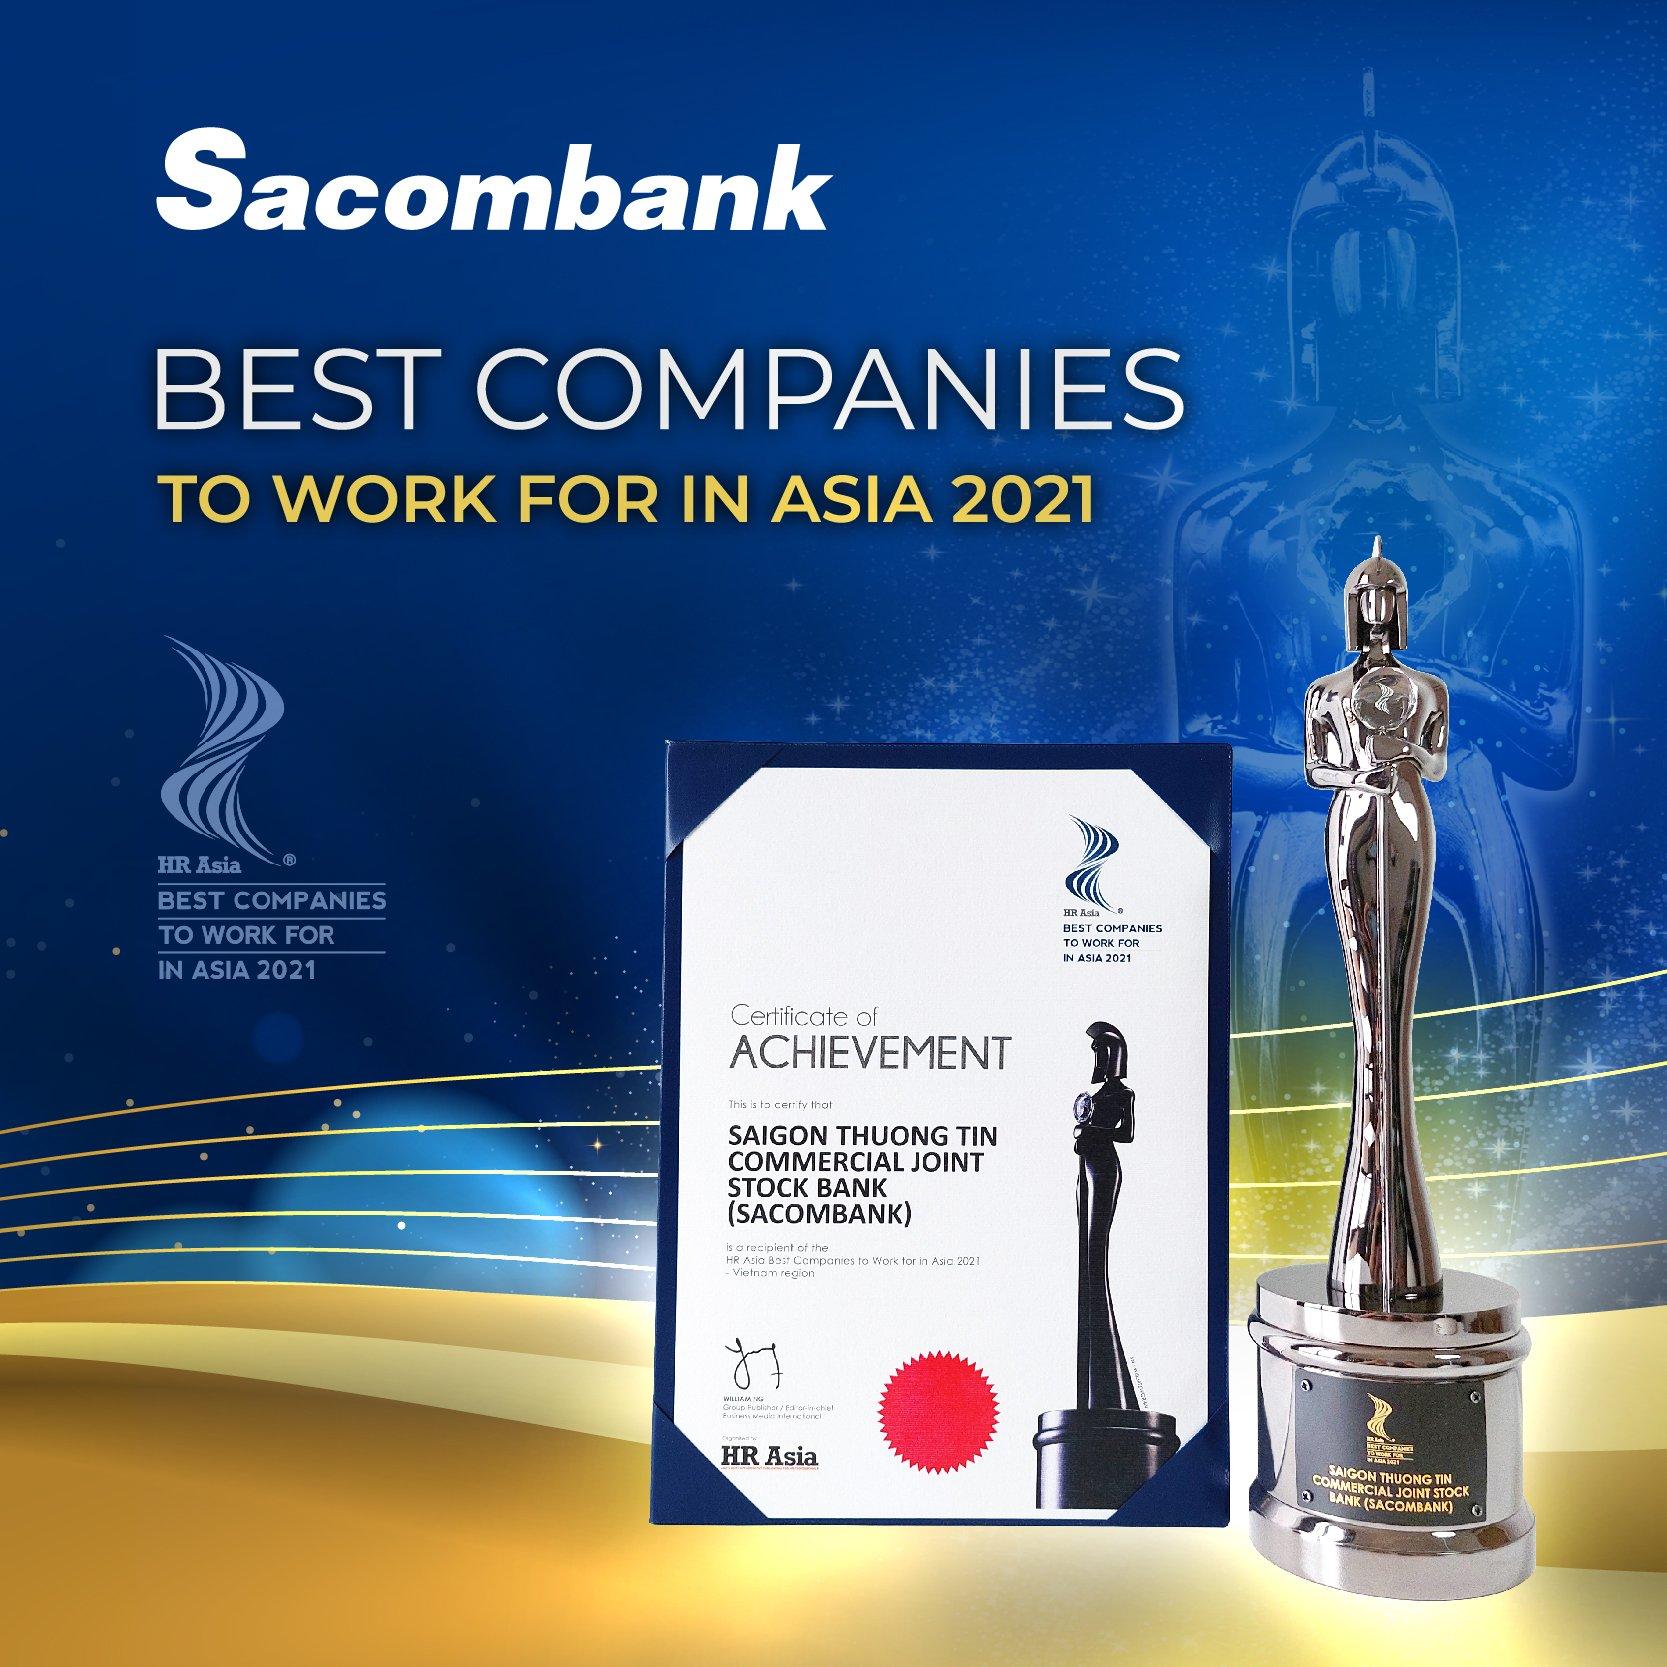 Sacombank đạt giải thưởng môi trường làm việc tốt nhất châu Á năm 2021 - Ảnh 1.